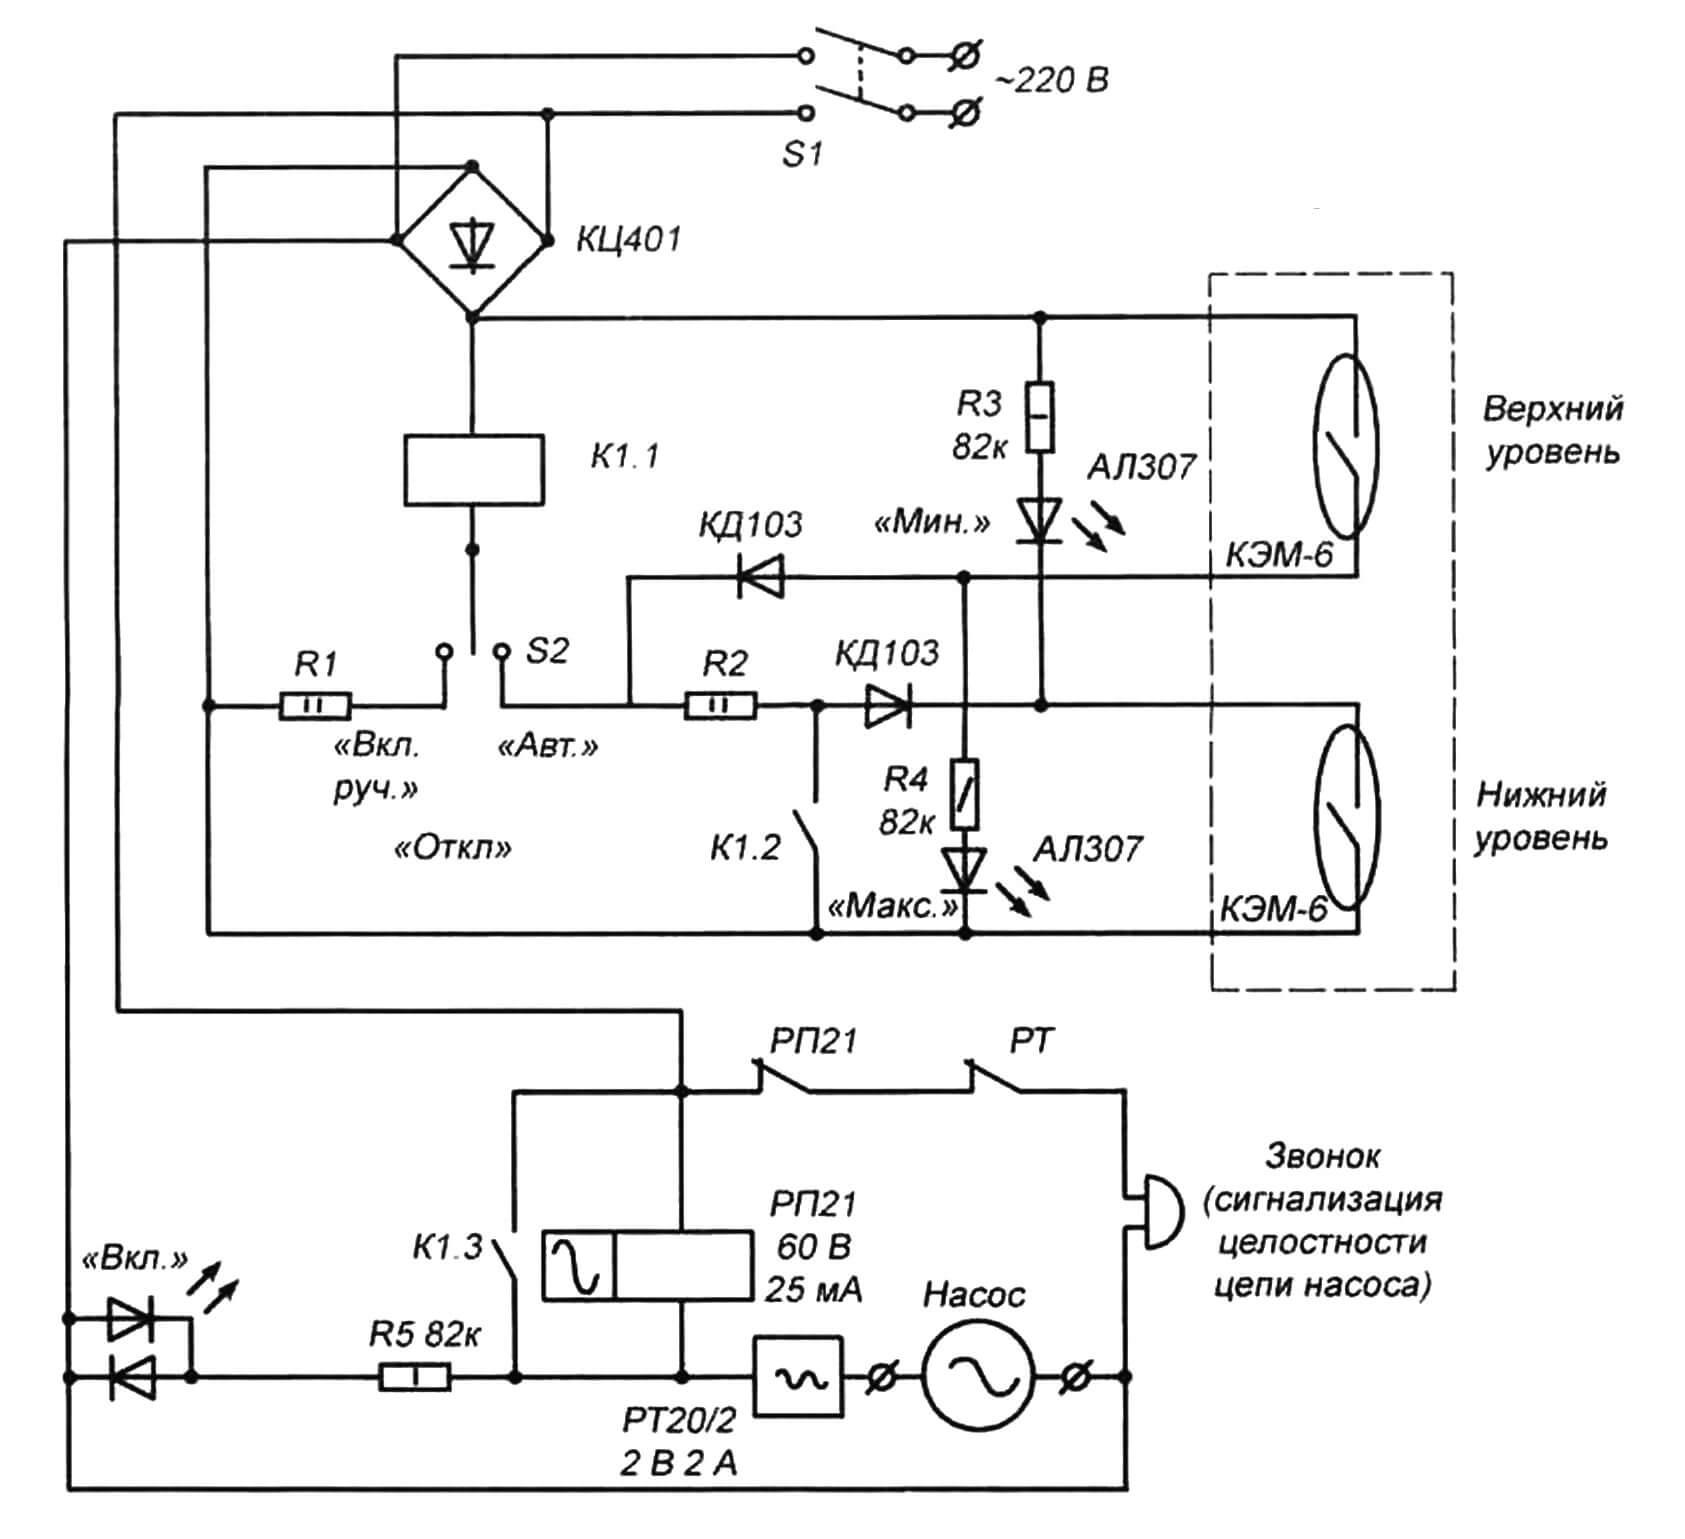 Принципиальная схема блока управления насосом, контроля запаса воды и «электронного сторожа» с использованием выпрямительного моста (вариант 2)